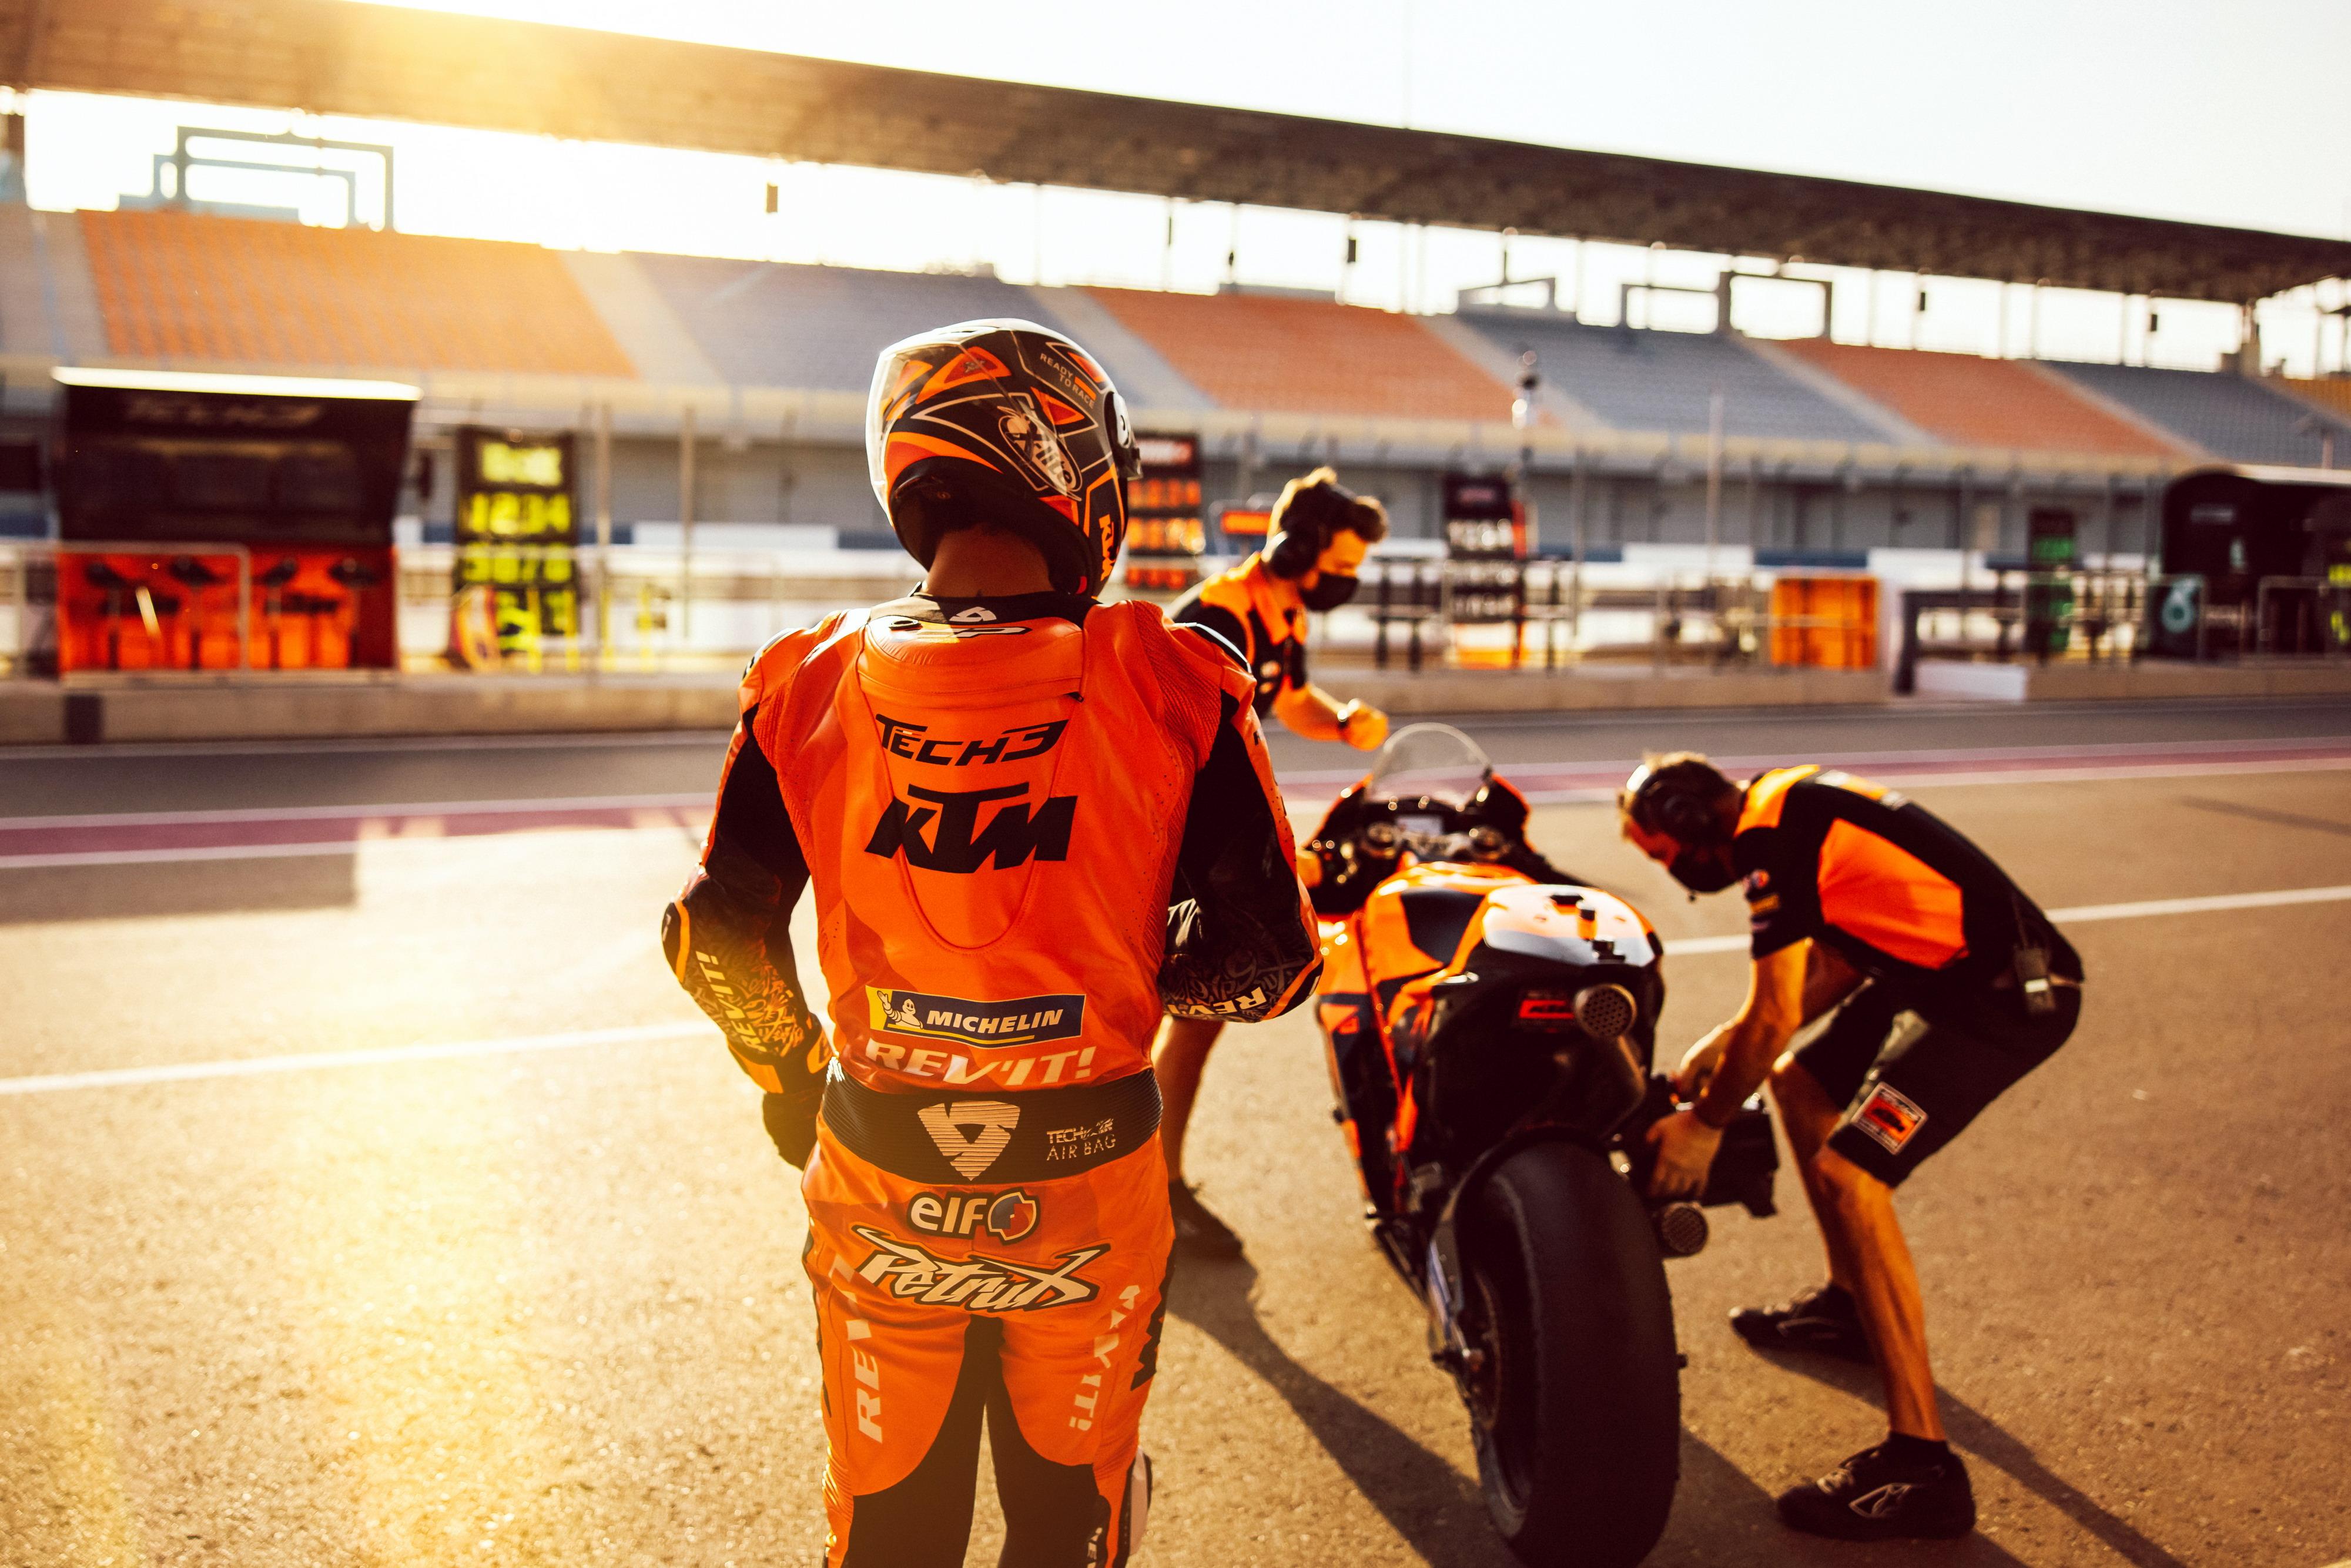 2021 MotoGP:卡塔��季前�y�、Tech3 ��篇